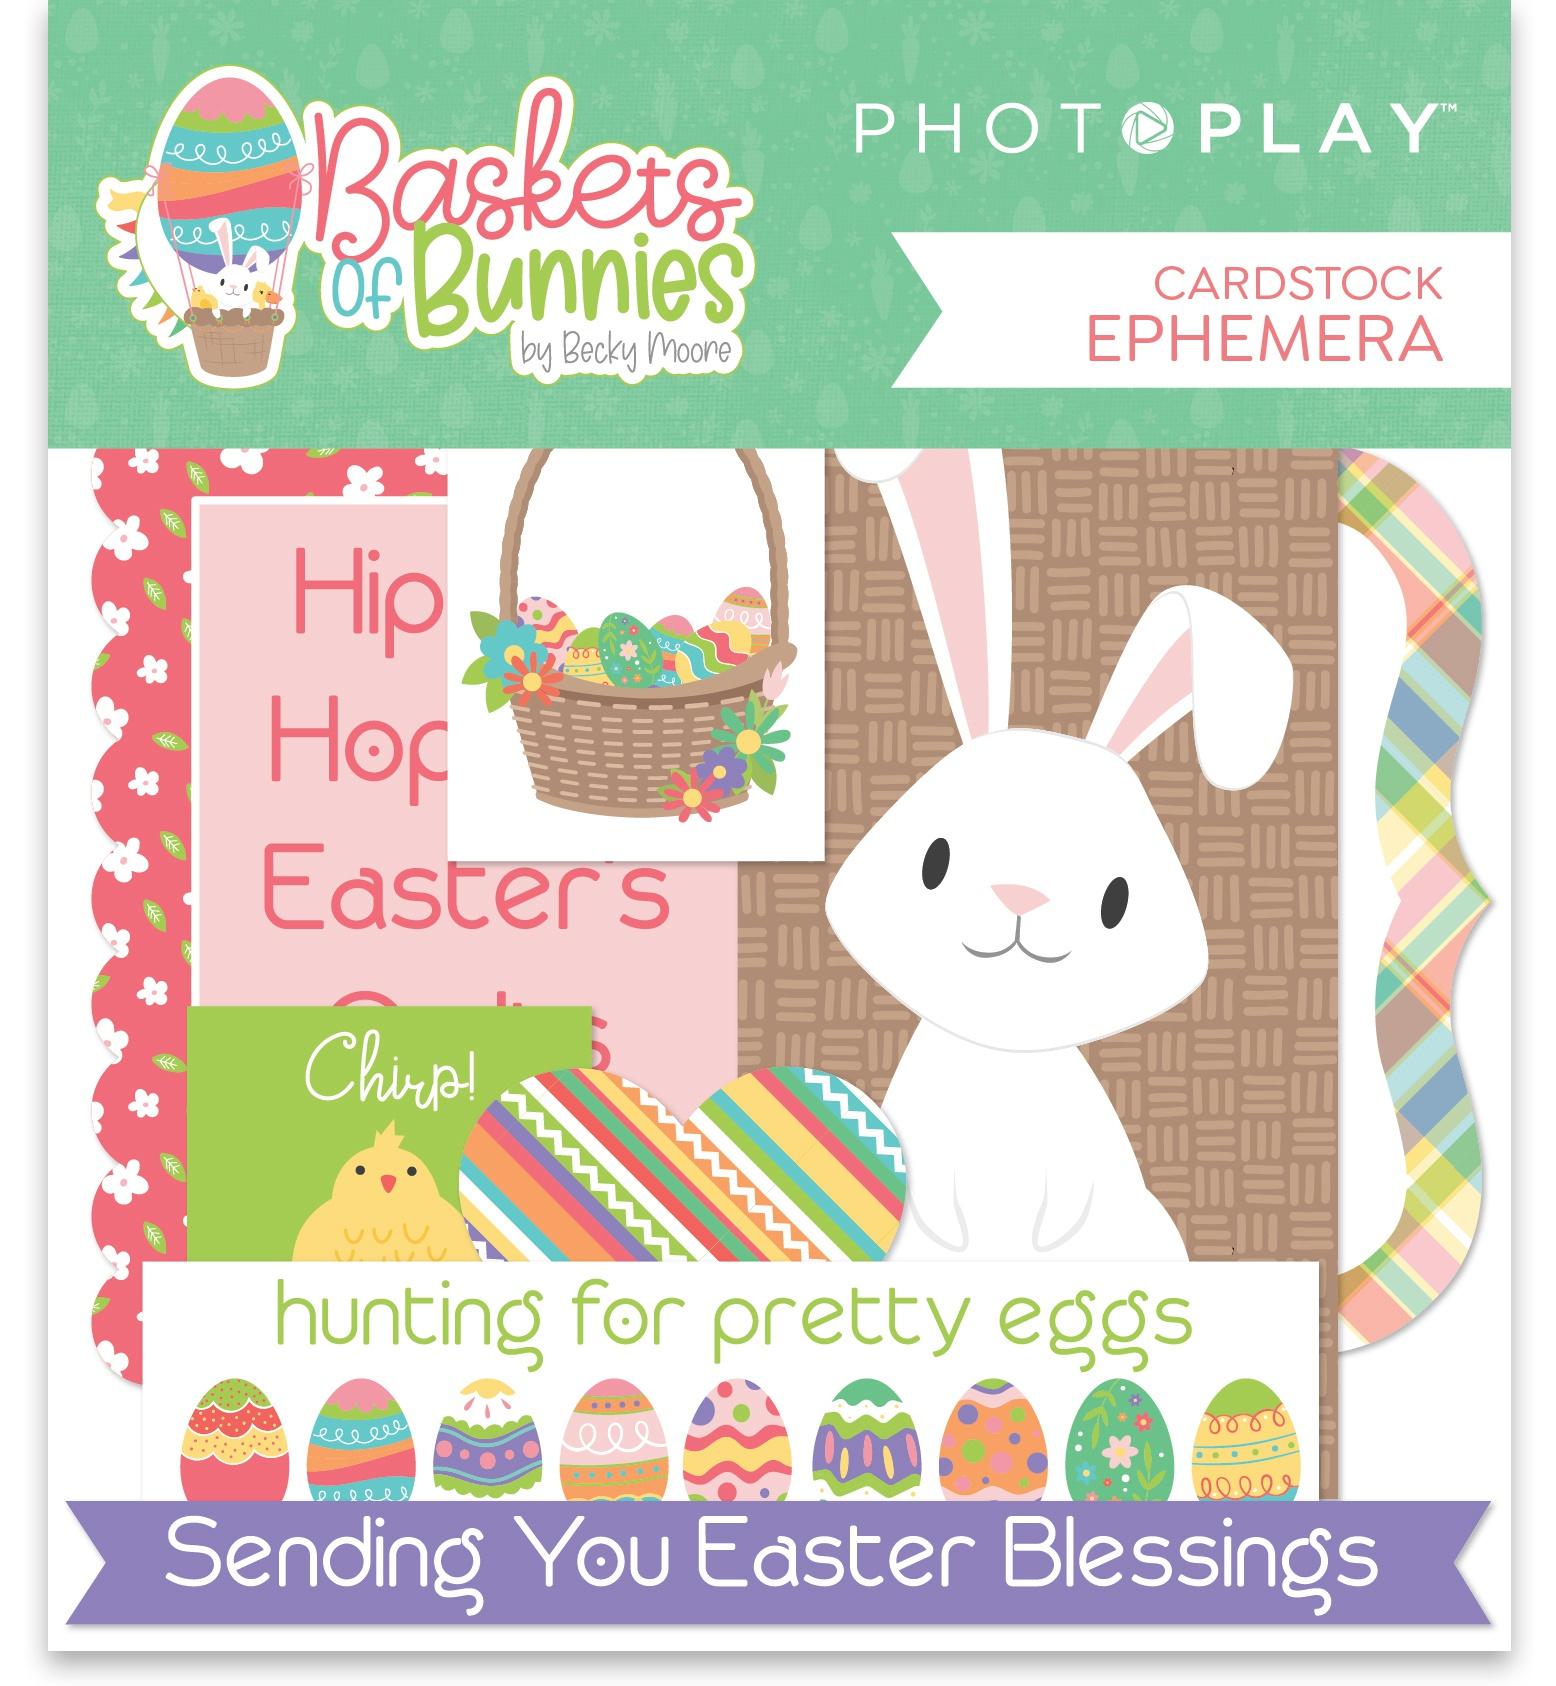 Baskets Of Bunnies Ephemera Cardstock Die-Cuts-